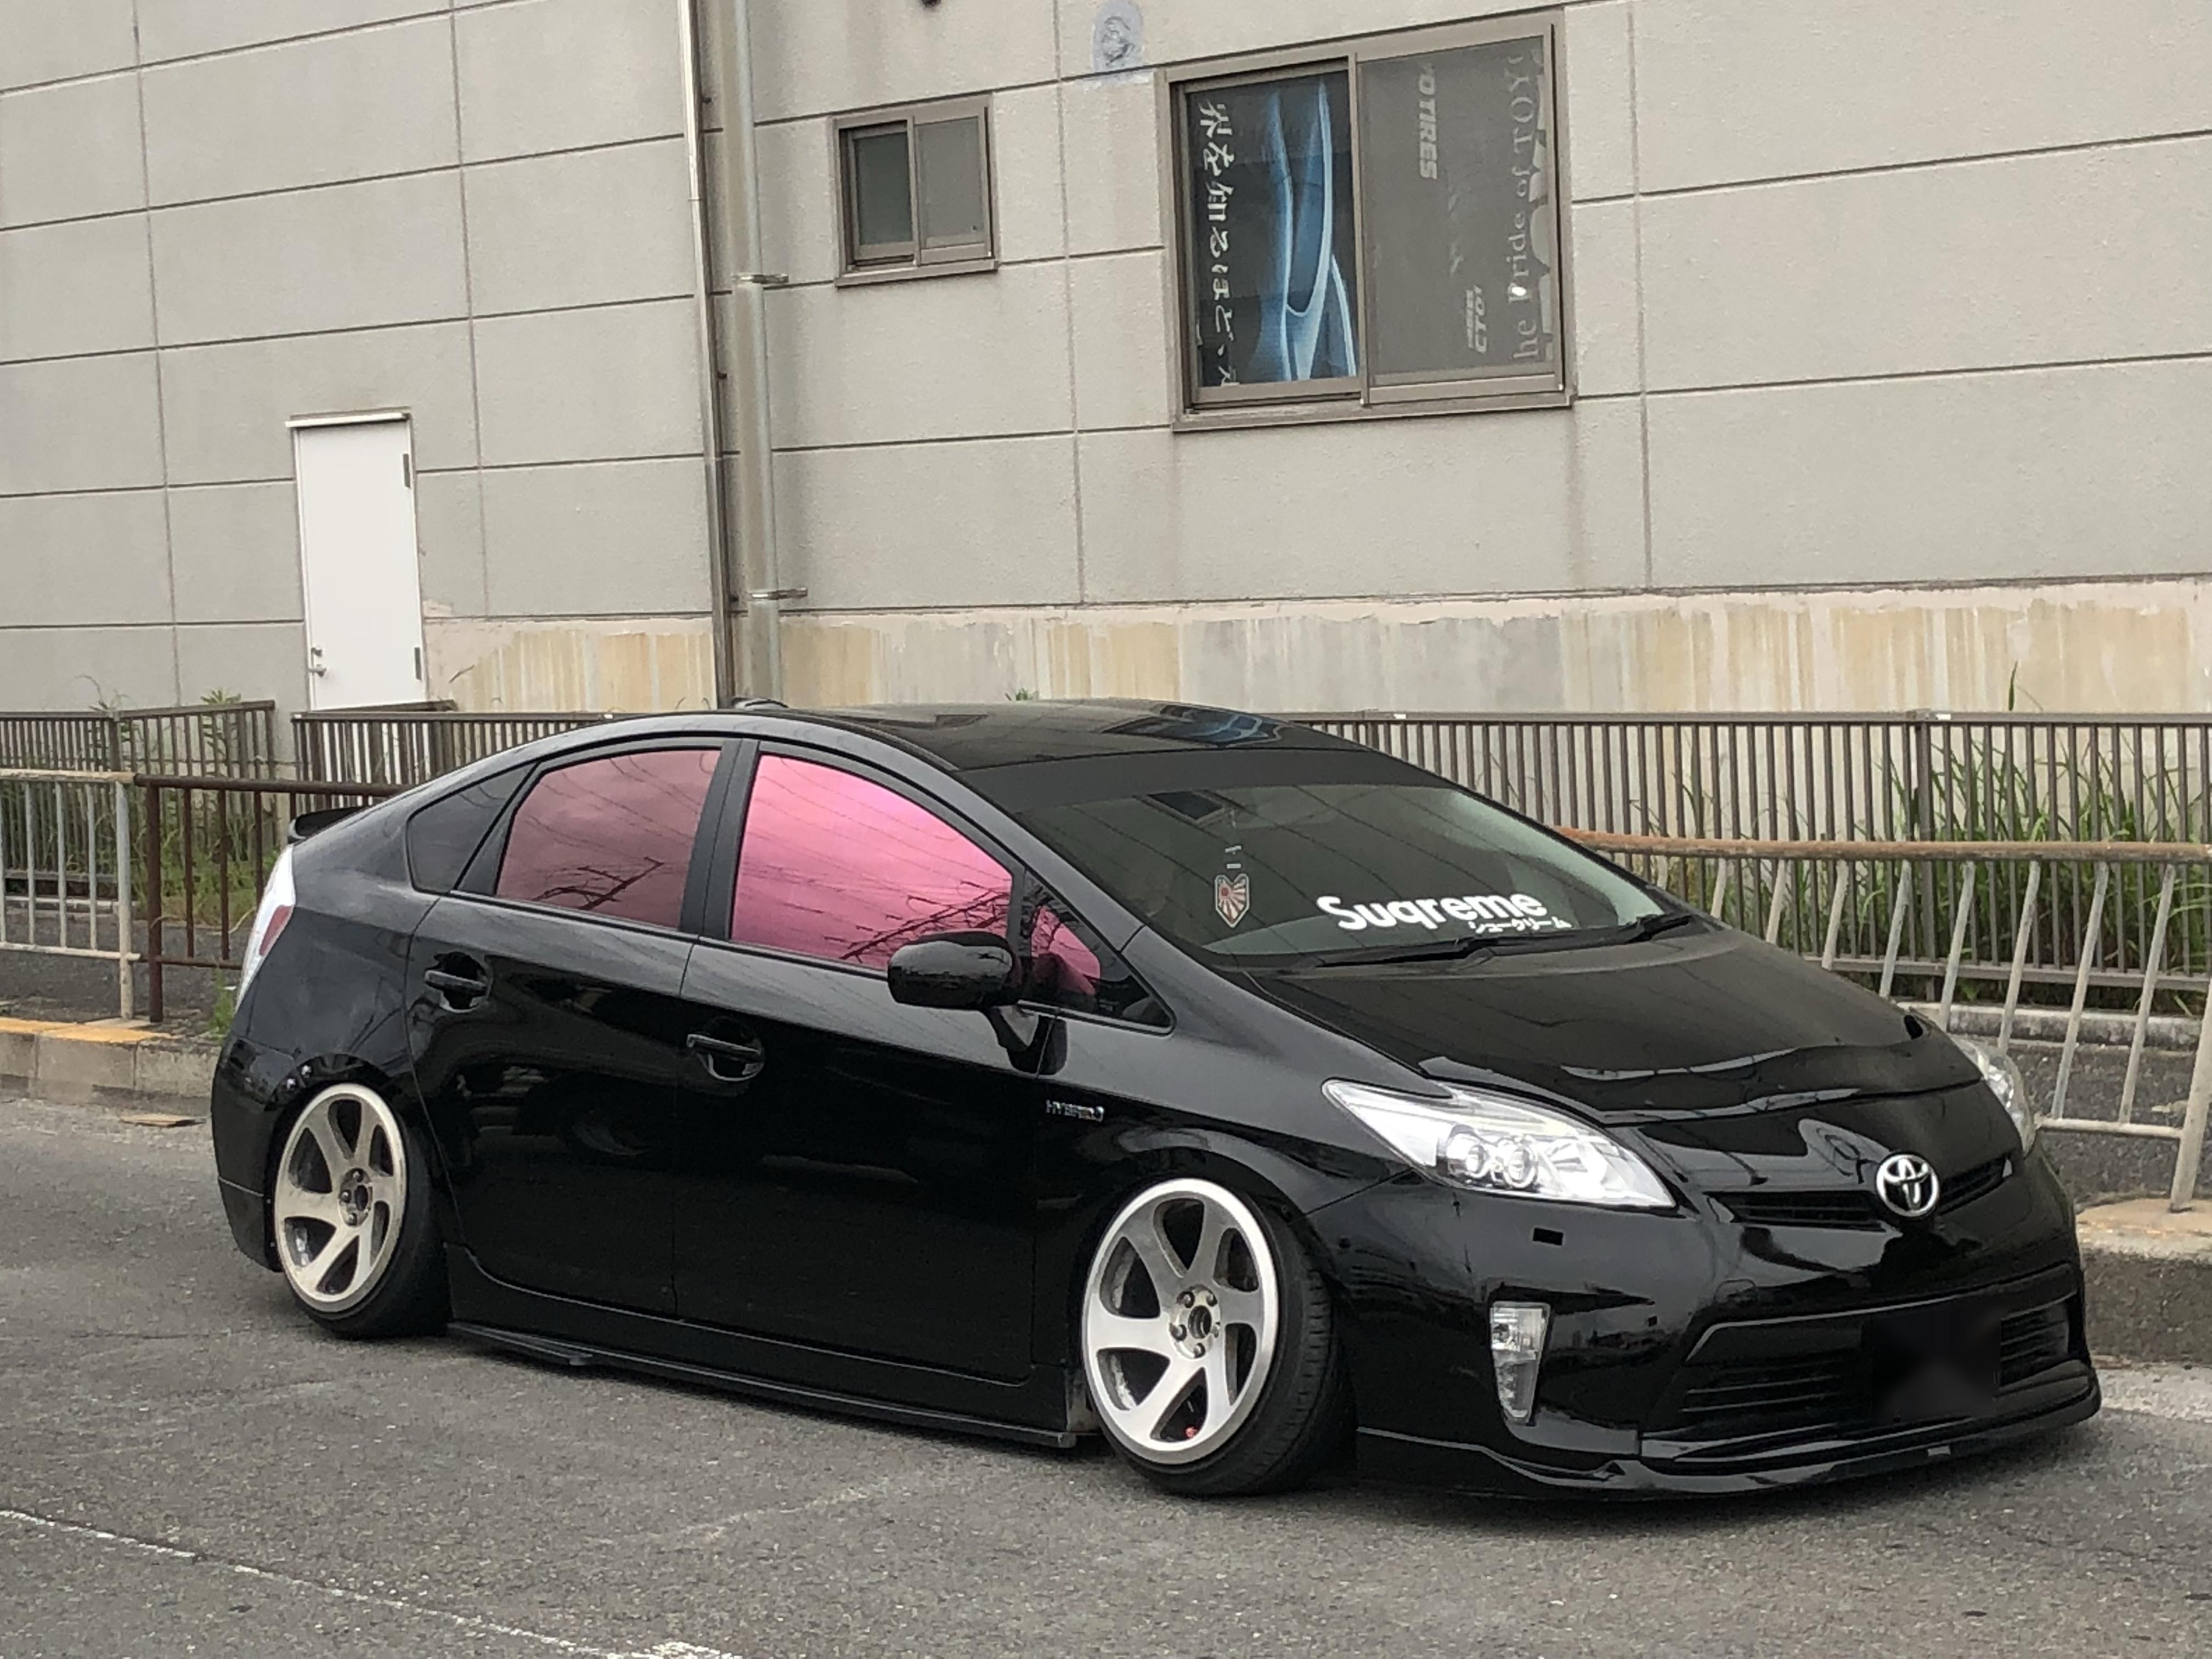 ★日本最大級マークX・クラウン・カスタムカー専門店★本日はプリウス車高調取付!本店ではオイル交換や車高調整。T君頑張りました♪